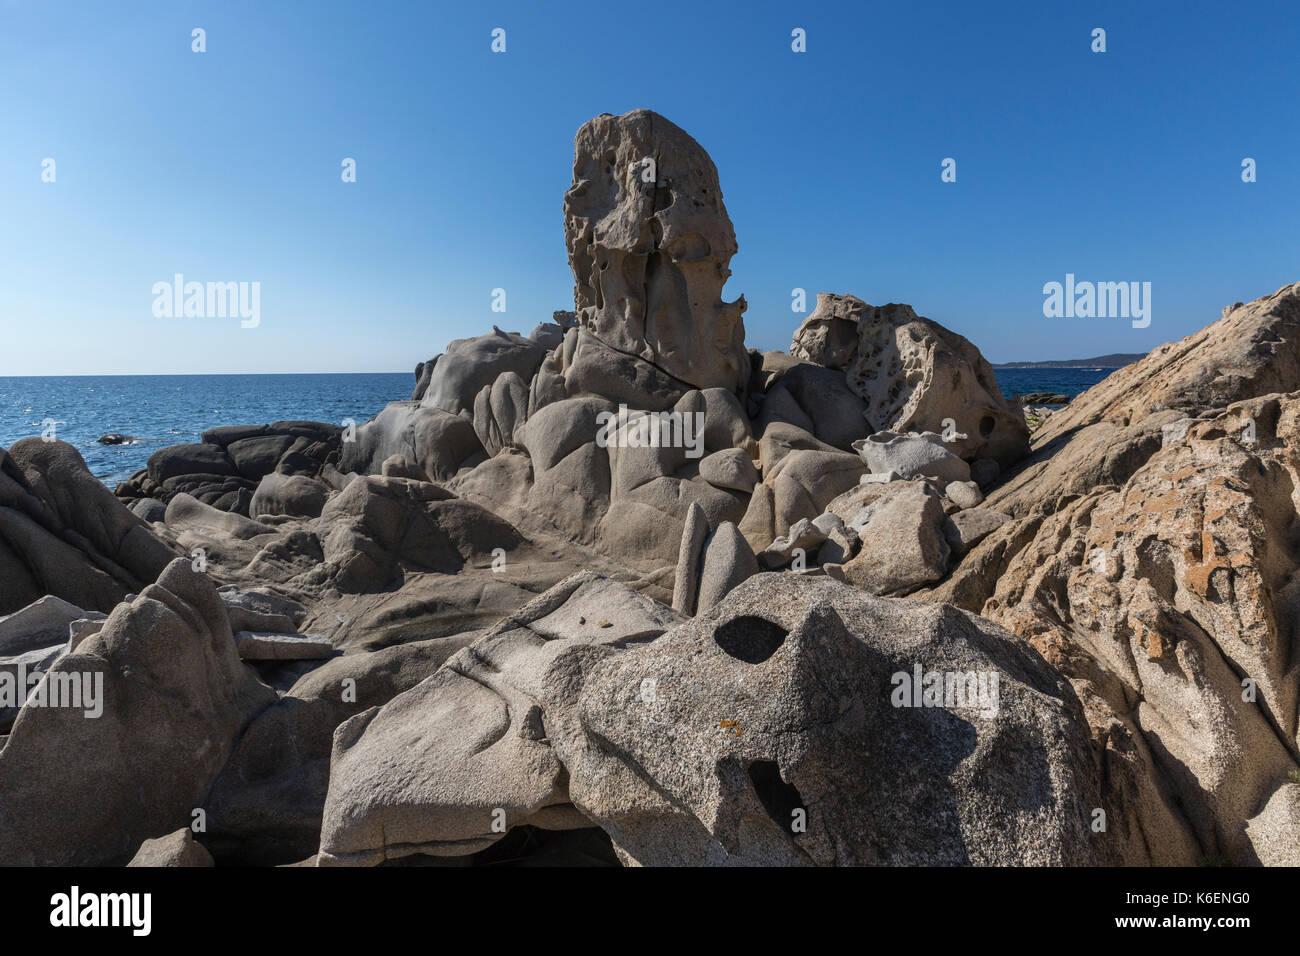 Le soleil brille sur les roches érodées par l'ossature du vent la mer bleue Punta Molentis villasimius cagliari Sardaigne Italie Europe Photo Stock